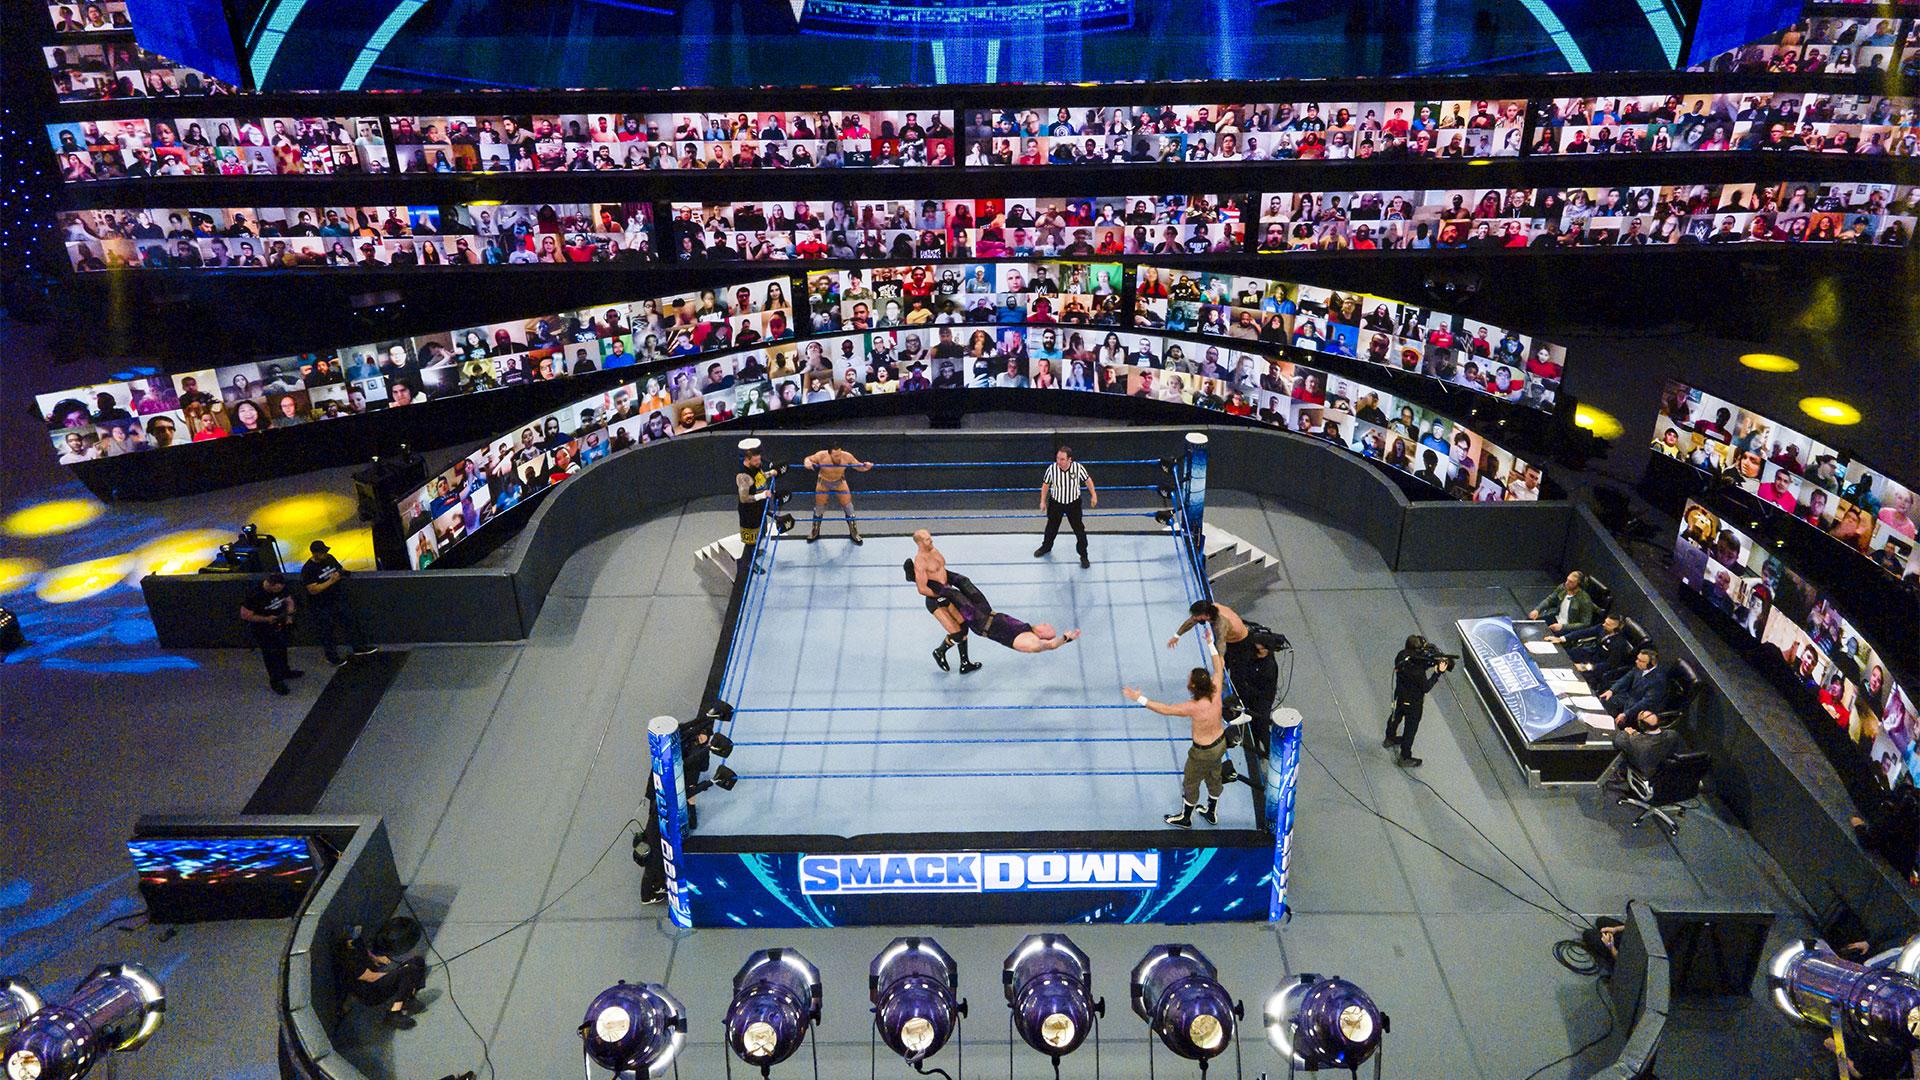 Un catcheur devient producteur de SmackDown - Catch-Newz